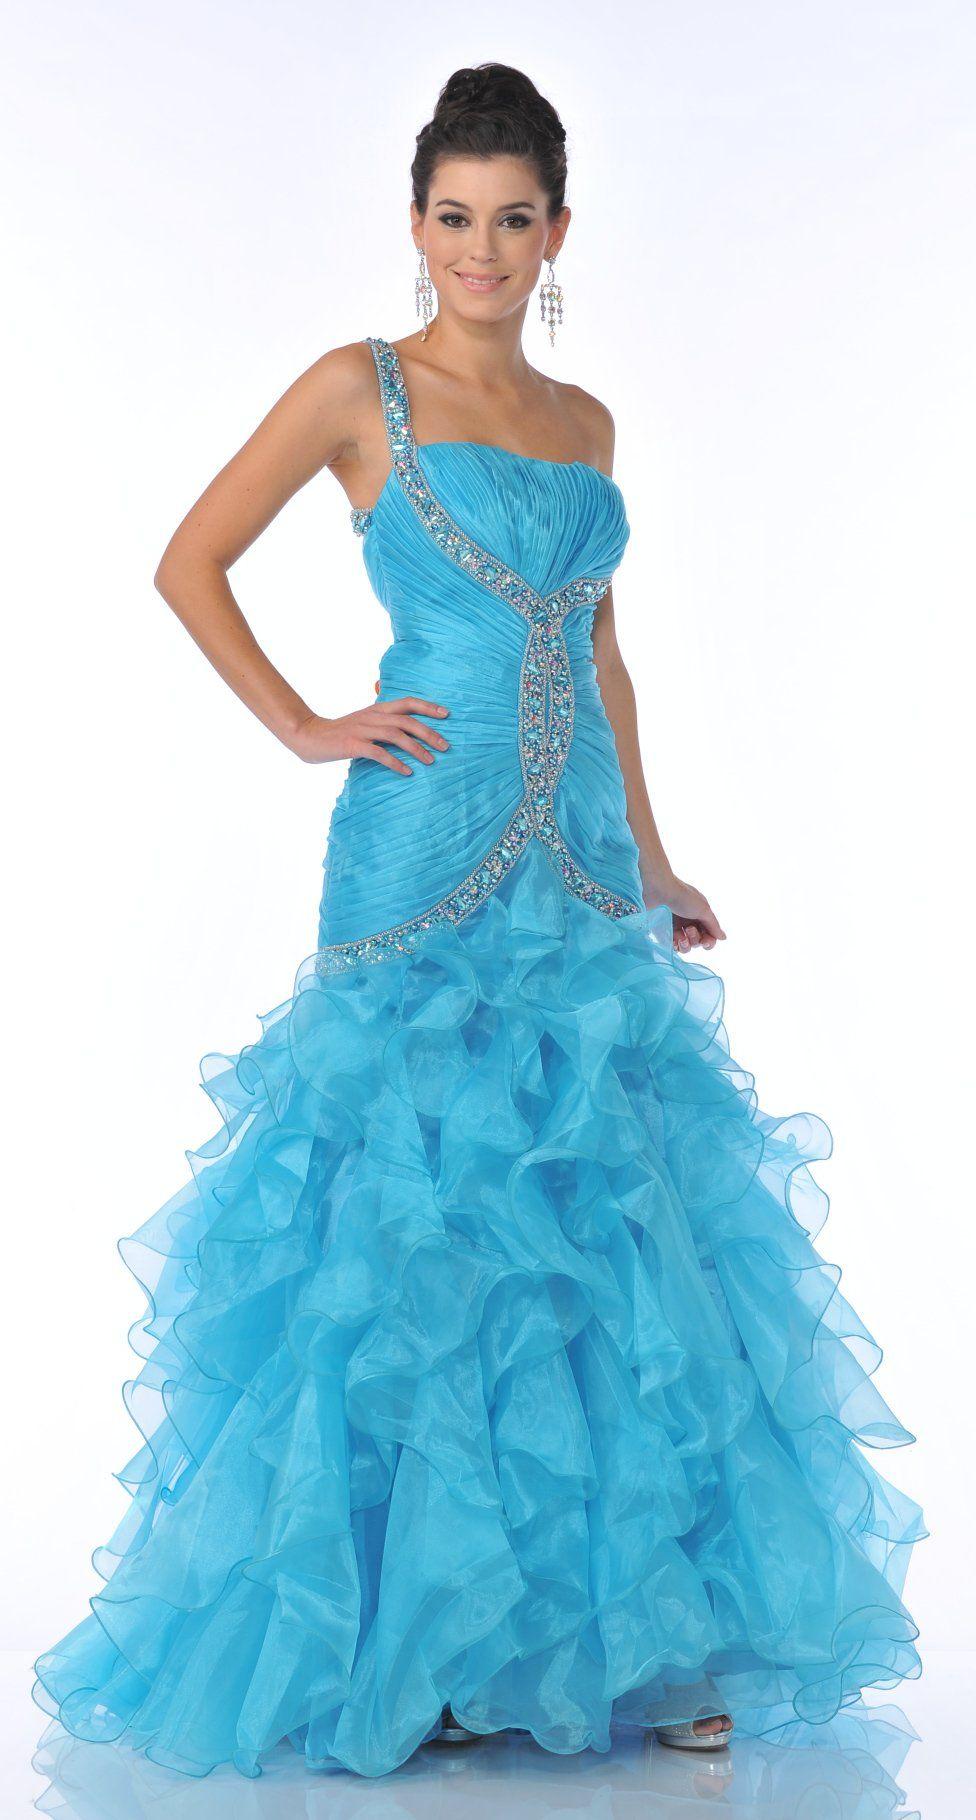 Elegant turquoise one shoulder embellished strap prom dress ruffle